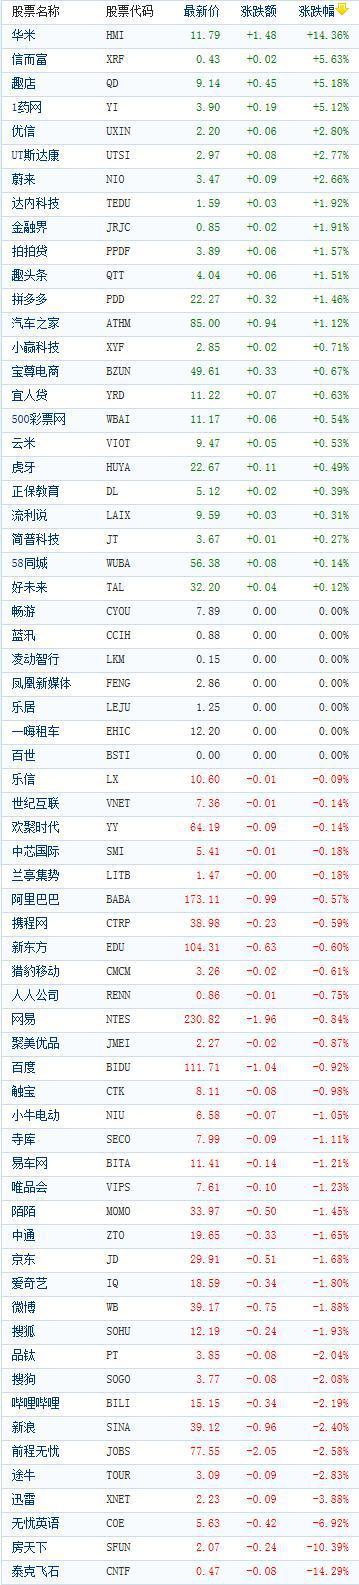 美股中概股指数下跌0.7%,连续三天收低_网赚新闻网